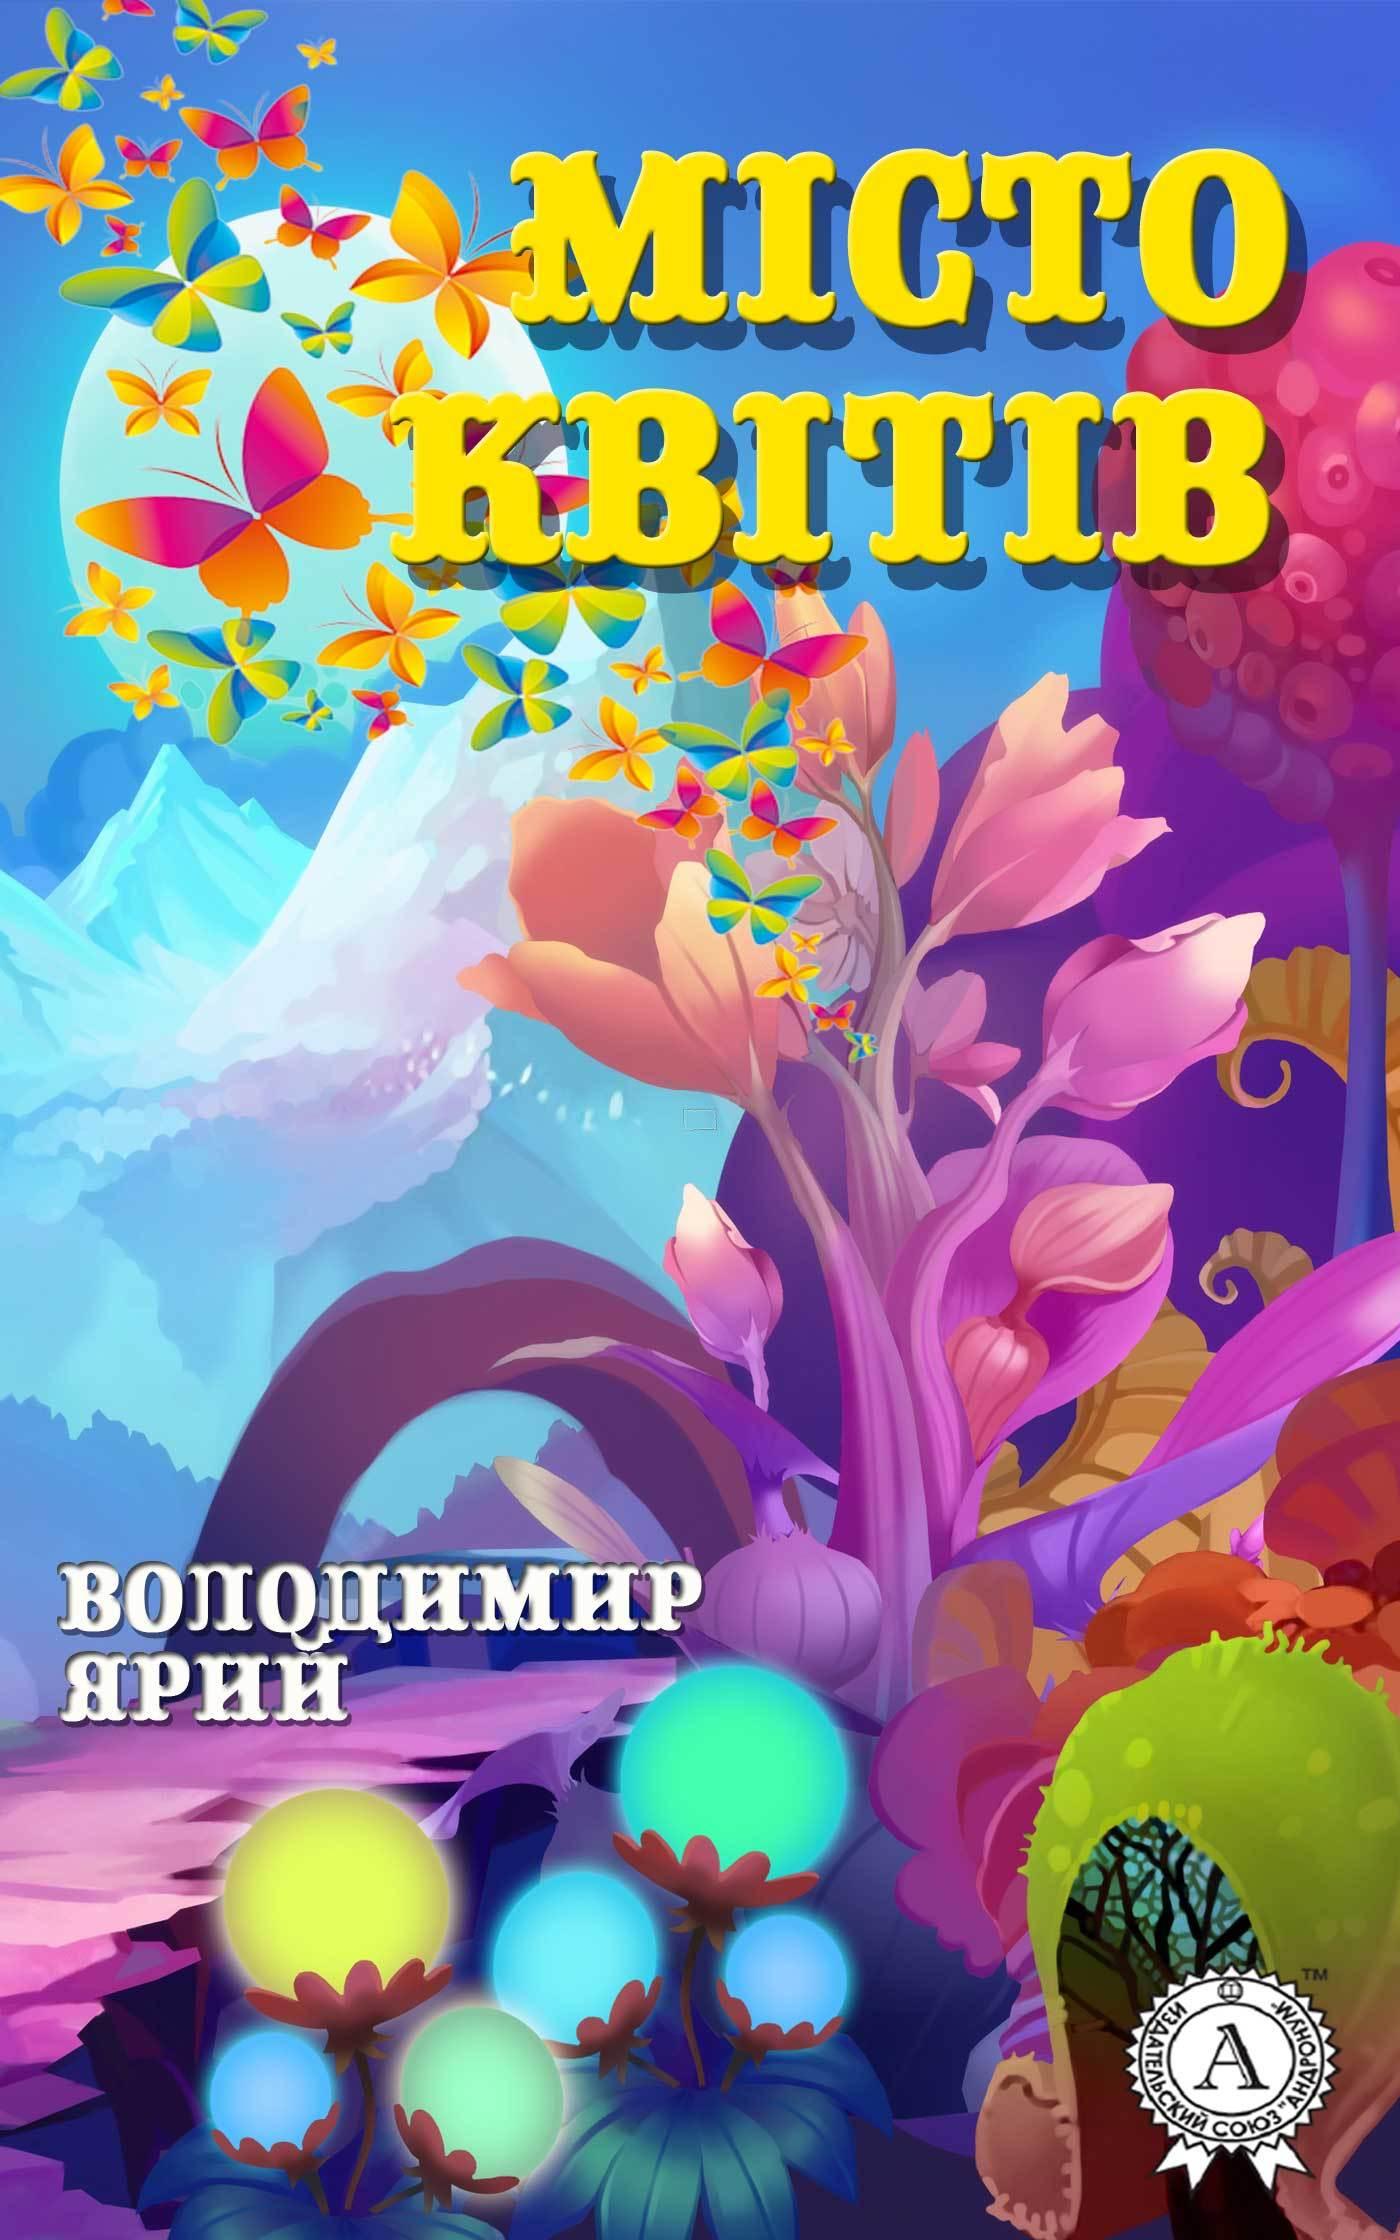 Володимир Ярий Місто квітів селезньов володимир антологія помилок та хибних думок